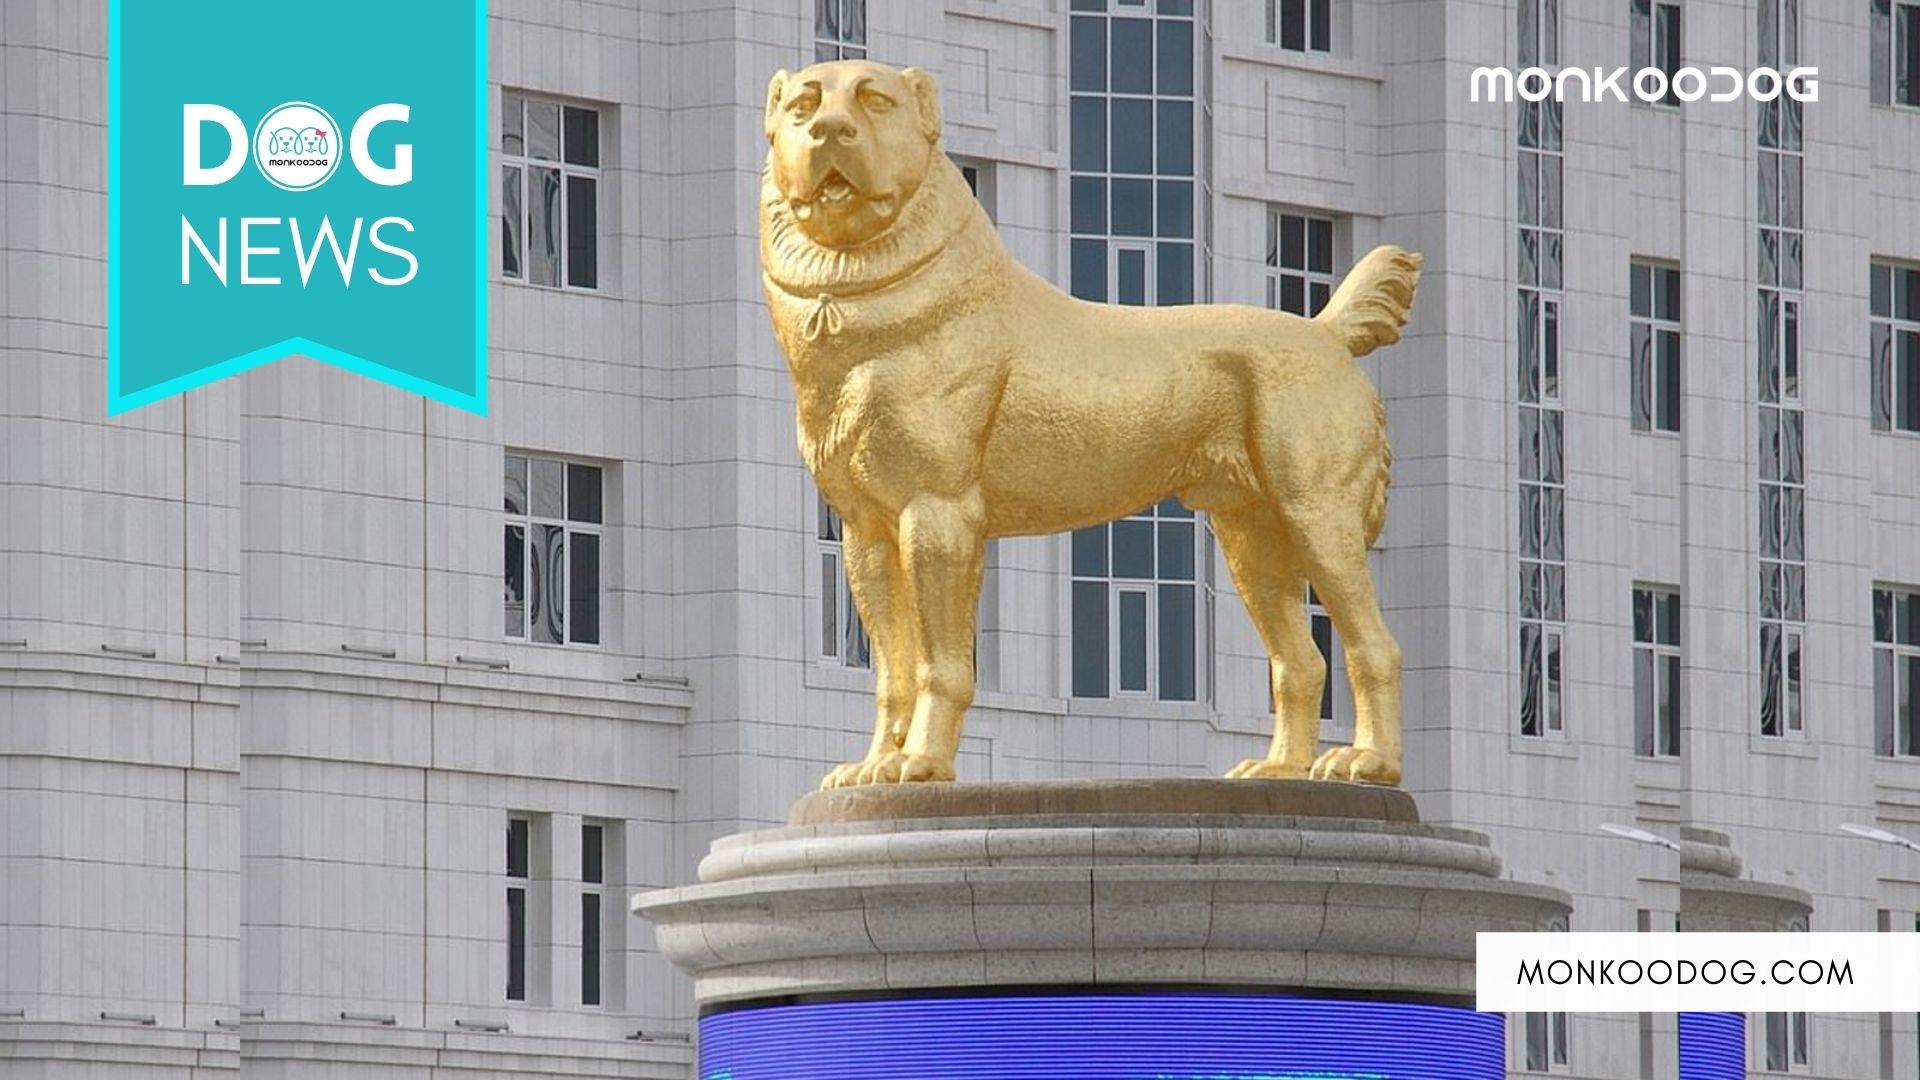 Turkmenistan Gets A Huge Dog Statue Made Of Gold